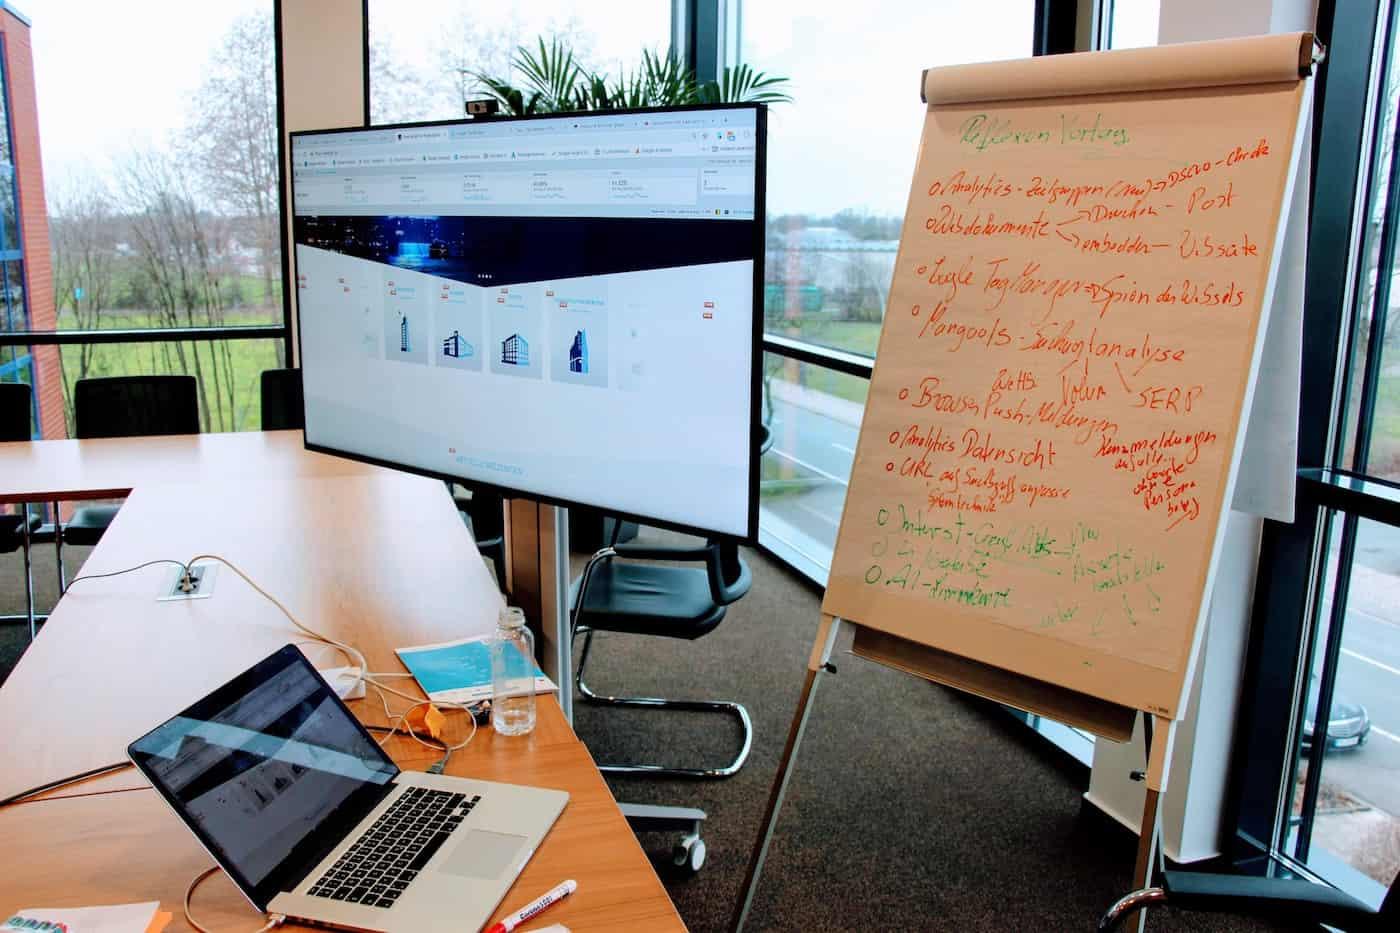 Digitalkompetenz Workshops GFR Januar 2019 Start